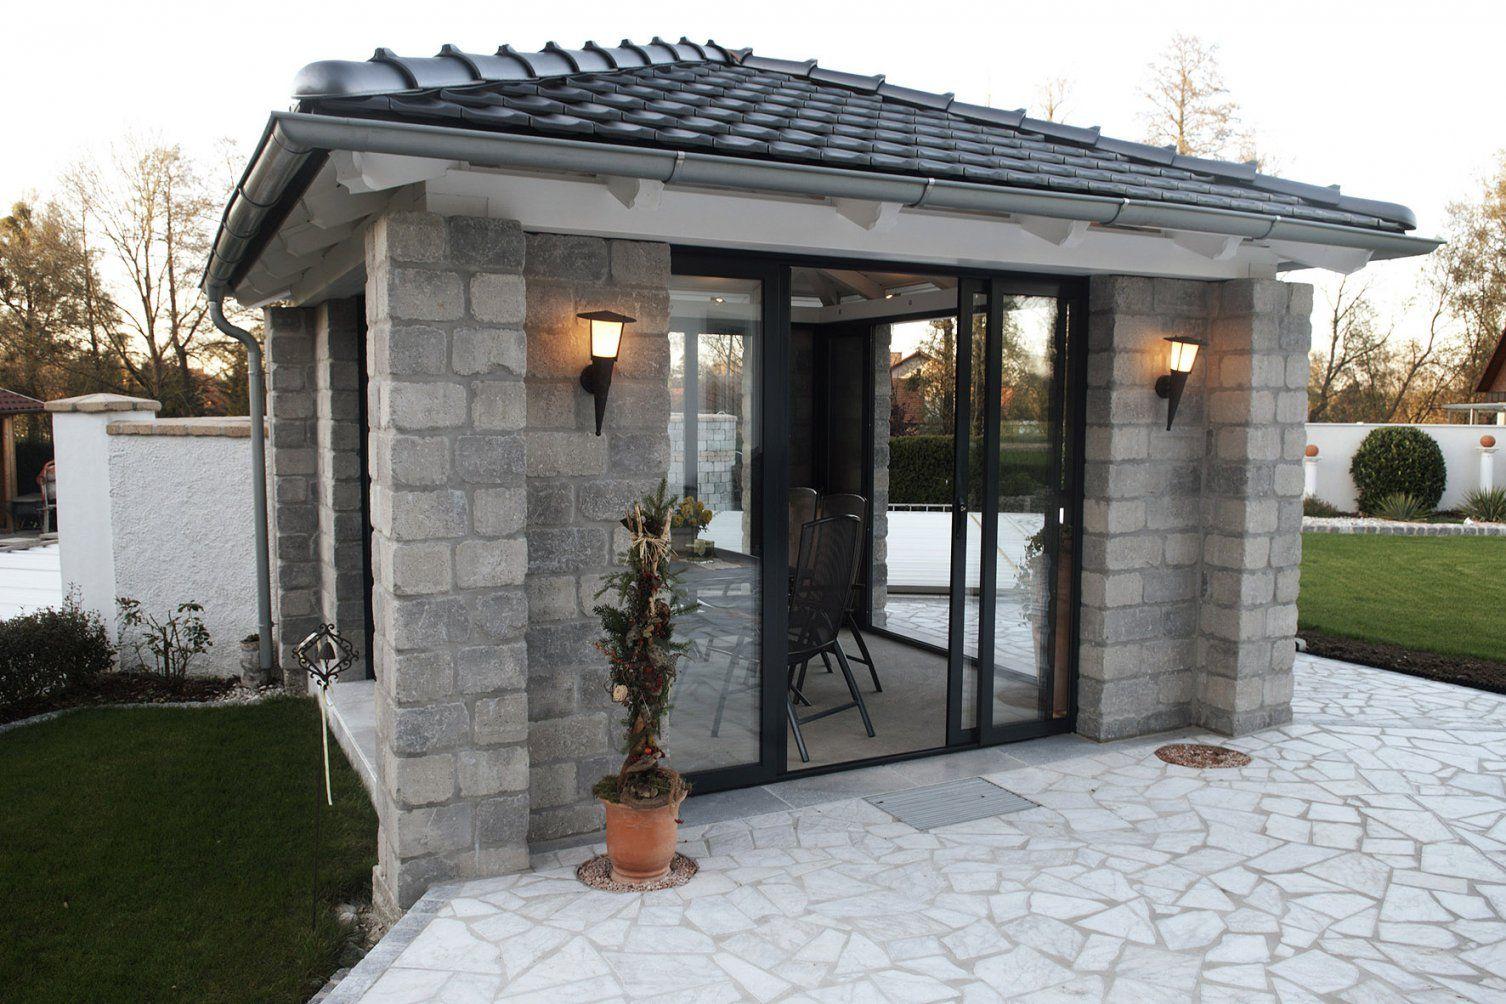 Gartenhaus Gestalten Innen Einfach Gartenhaus Gestalten Innen 2017 von Gartenhaus Aus Stein Selber Bauen Bild